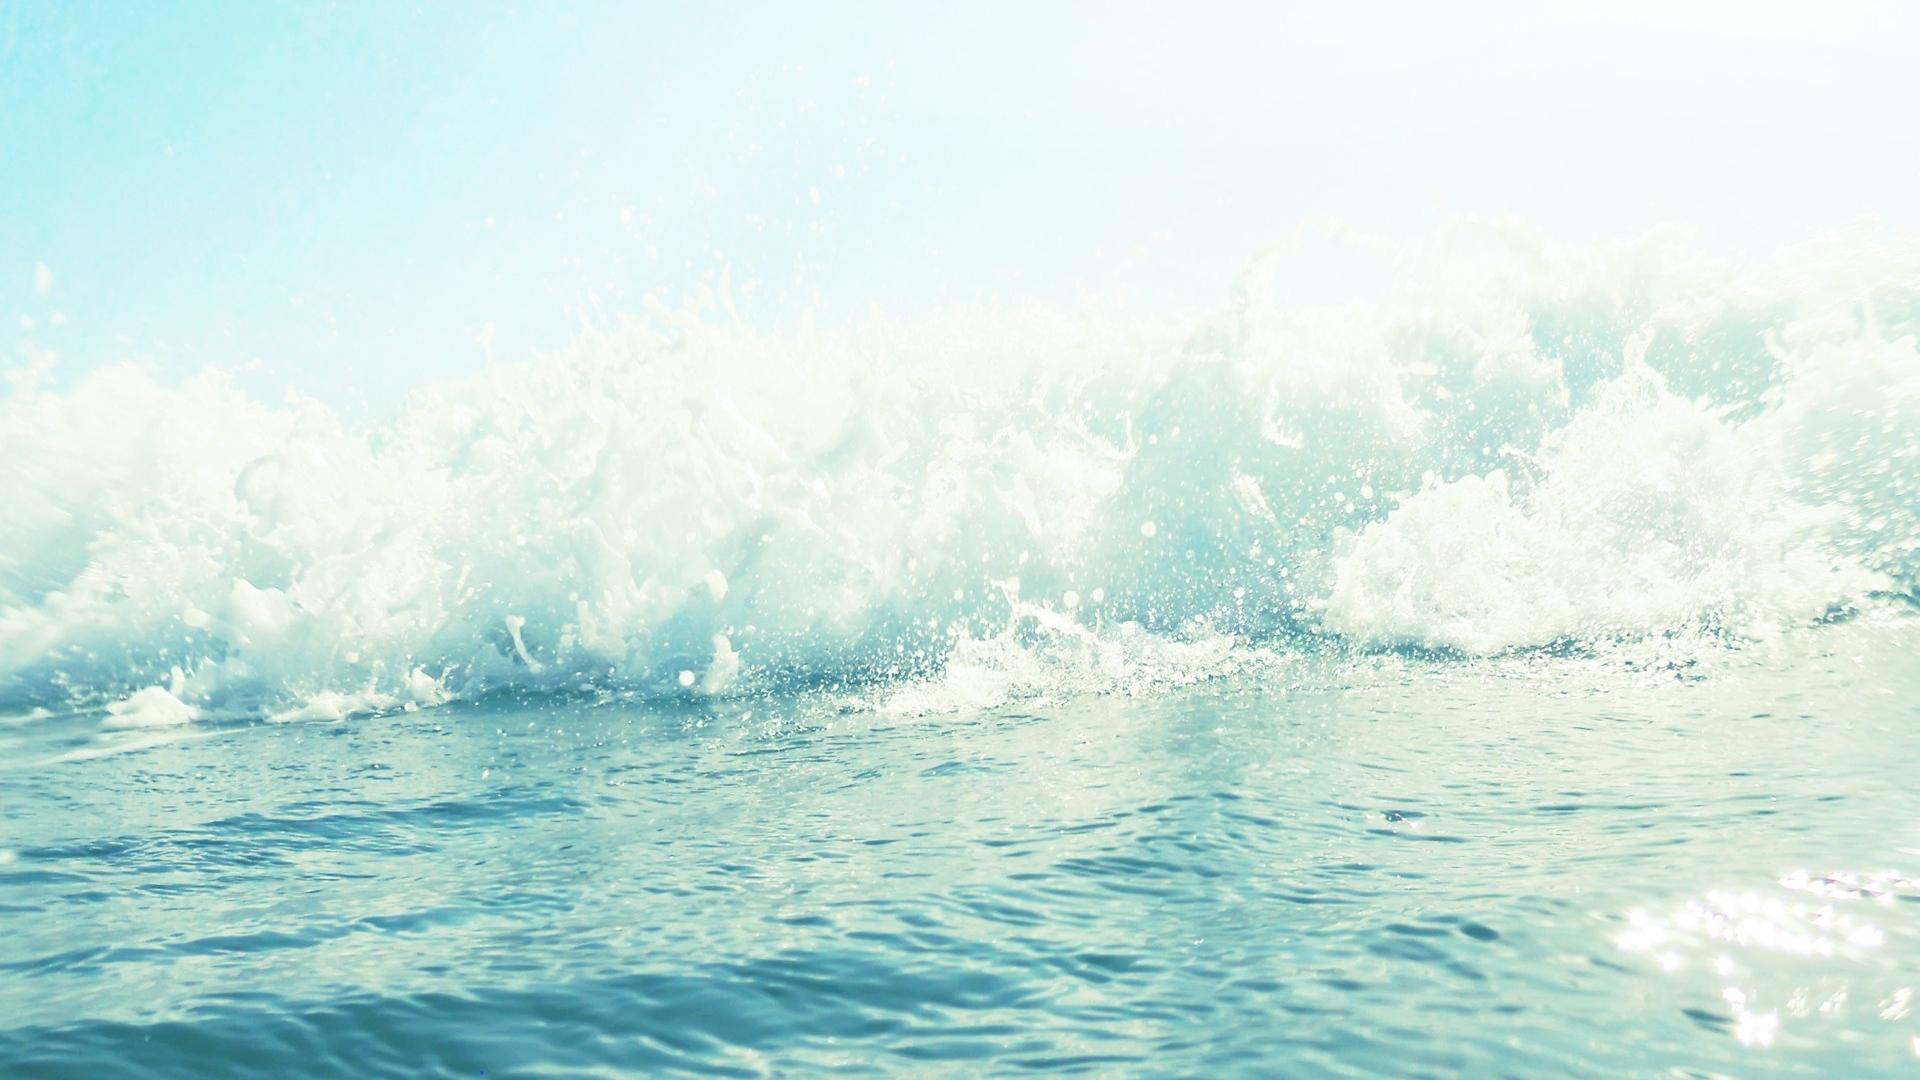 1920x1080 Wallpaper sea, foam, wave